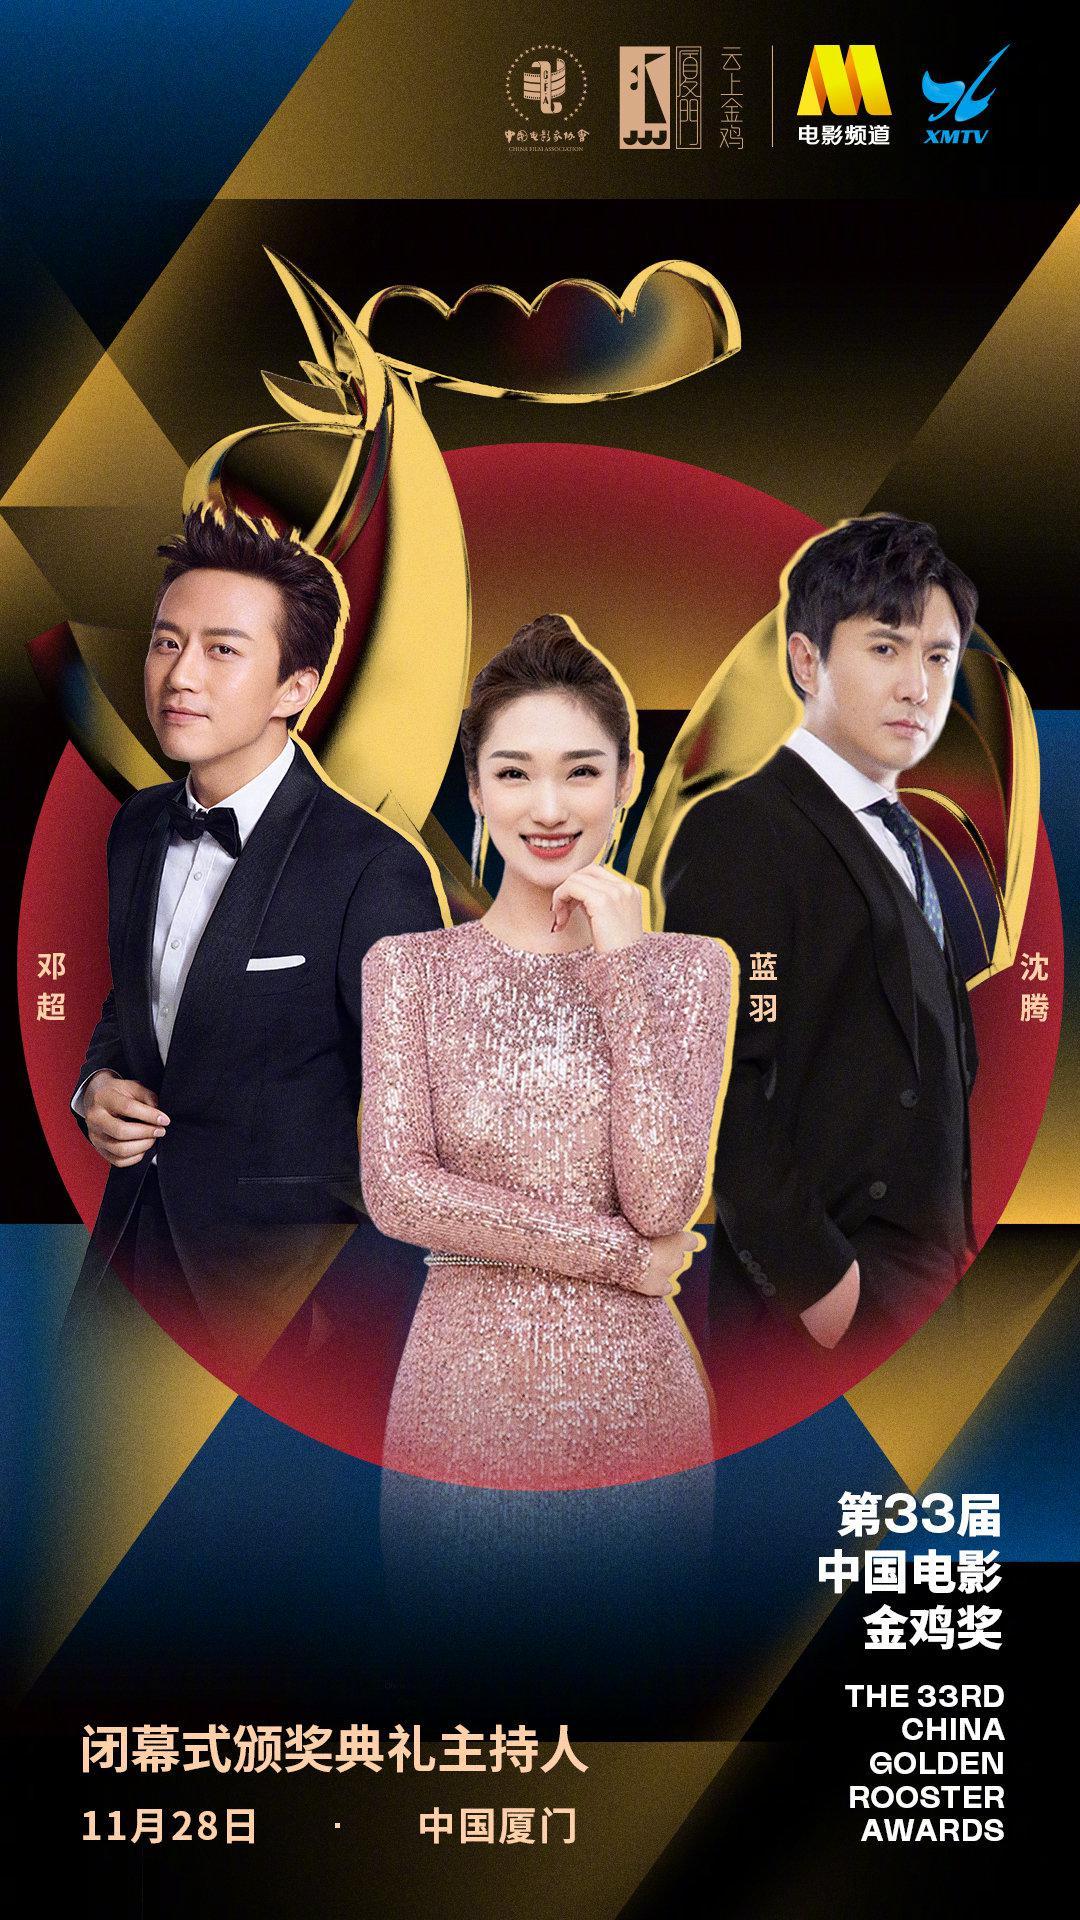 官宣!第33届中国电影金鸡奖将于11月28日在中国厦门闭幕,公布!……